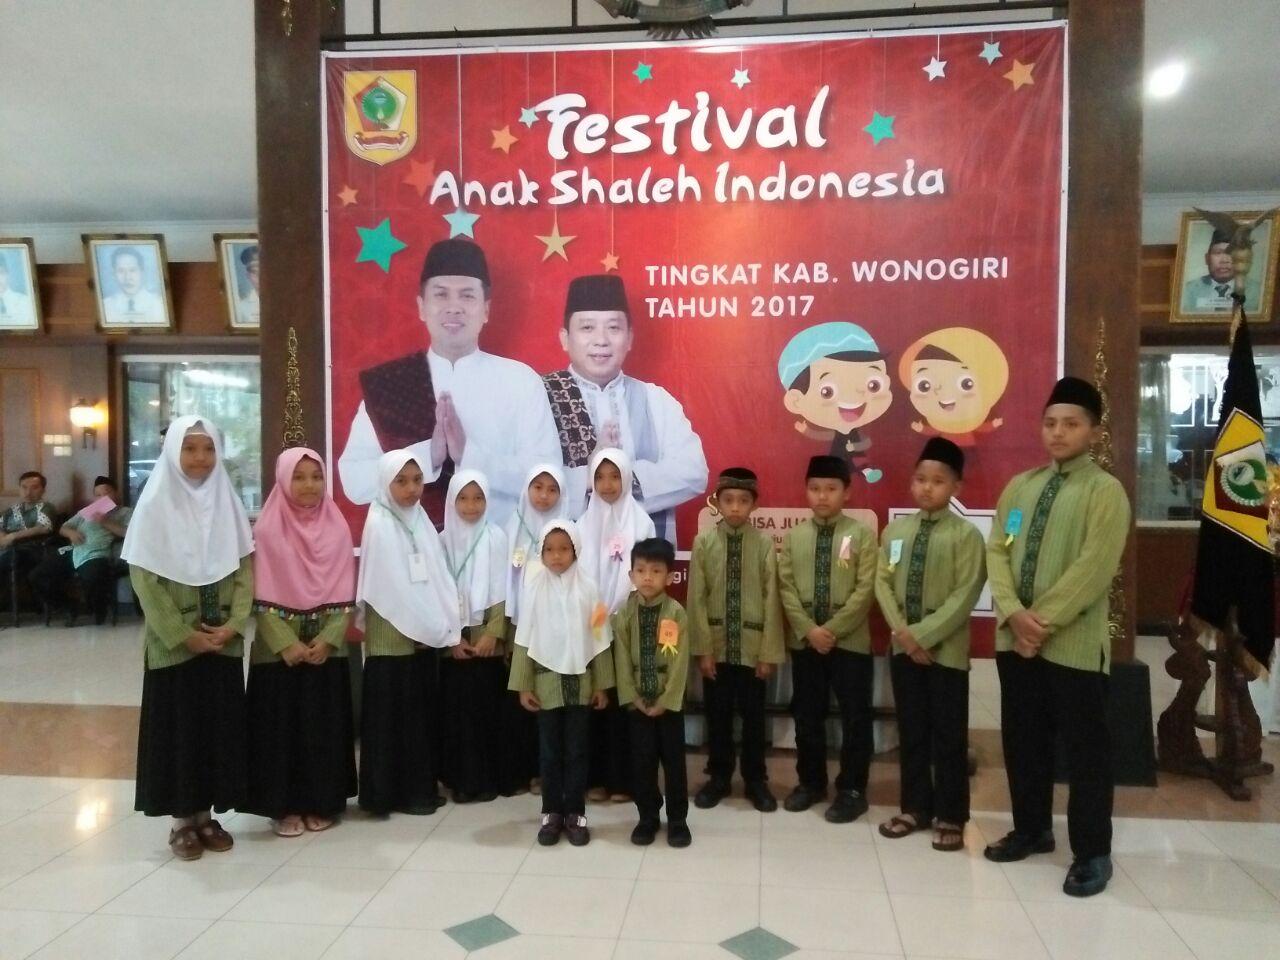 Minim Persiapan SDIT Nurul Iman Berhasil Menjadi Juara FASI Tingkat Kabupaten Wonogiri 2017